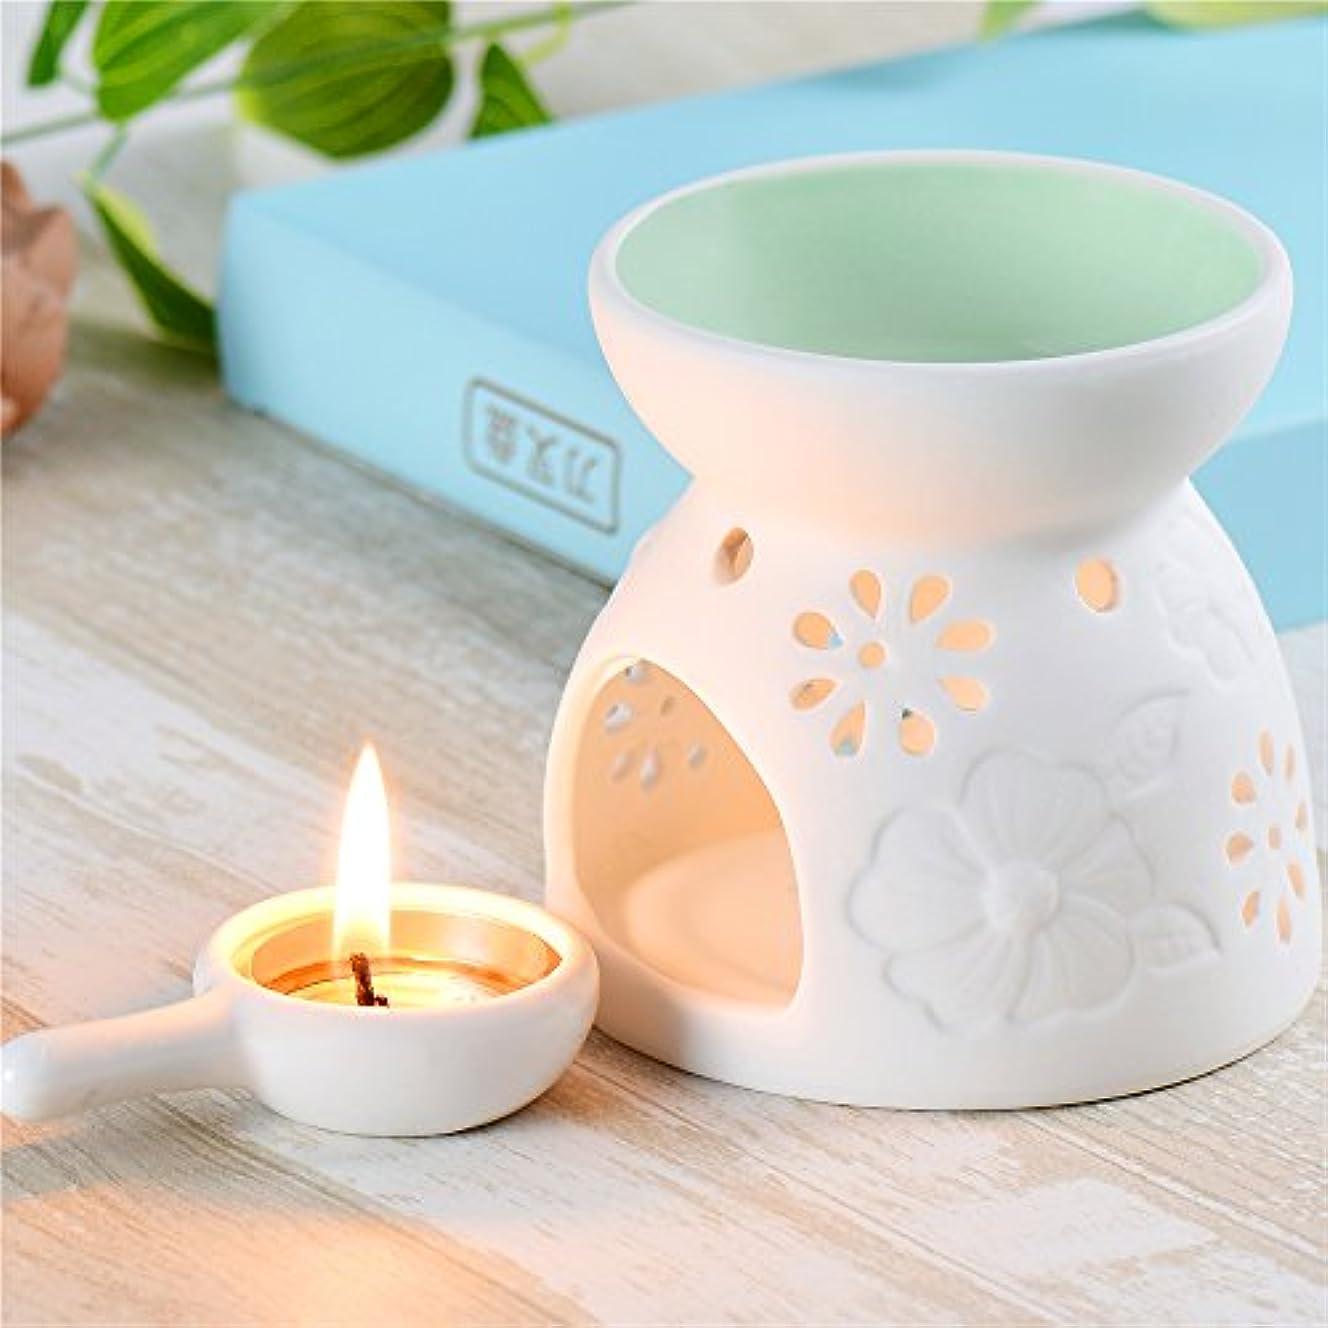 トンネル気楽な小間セラミックEssential Oil Warmer : Great for瞑想、アロマセラピー – Fragrance Diffuser使用with Tea Lights – Ideal For Wedding Gifts...